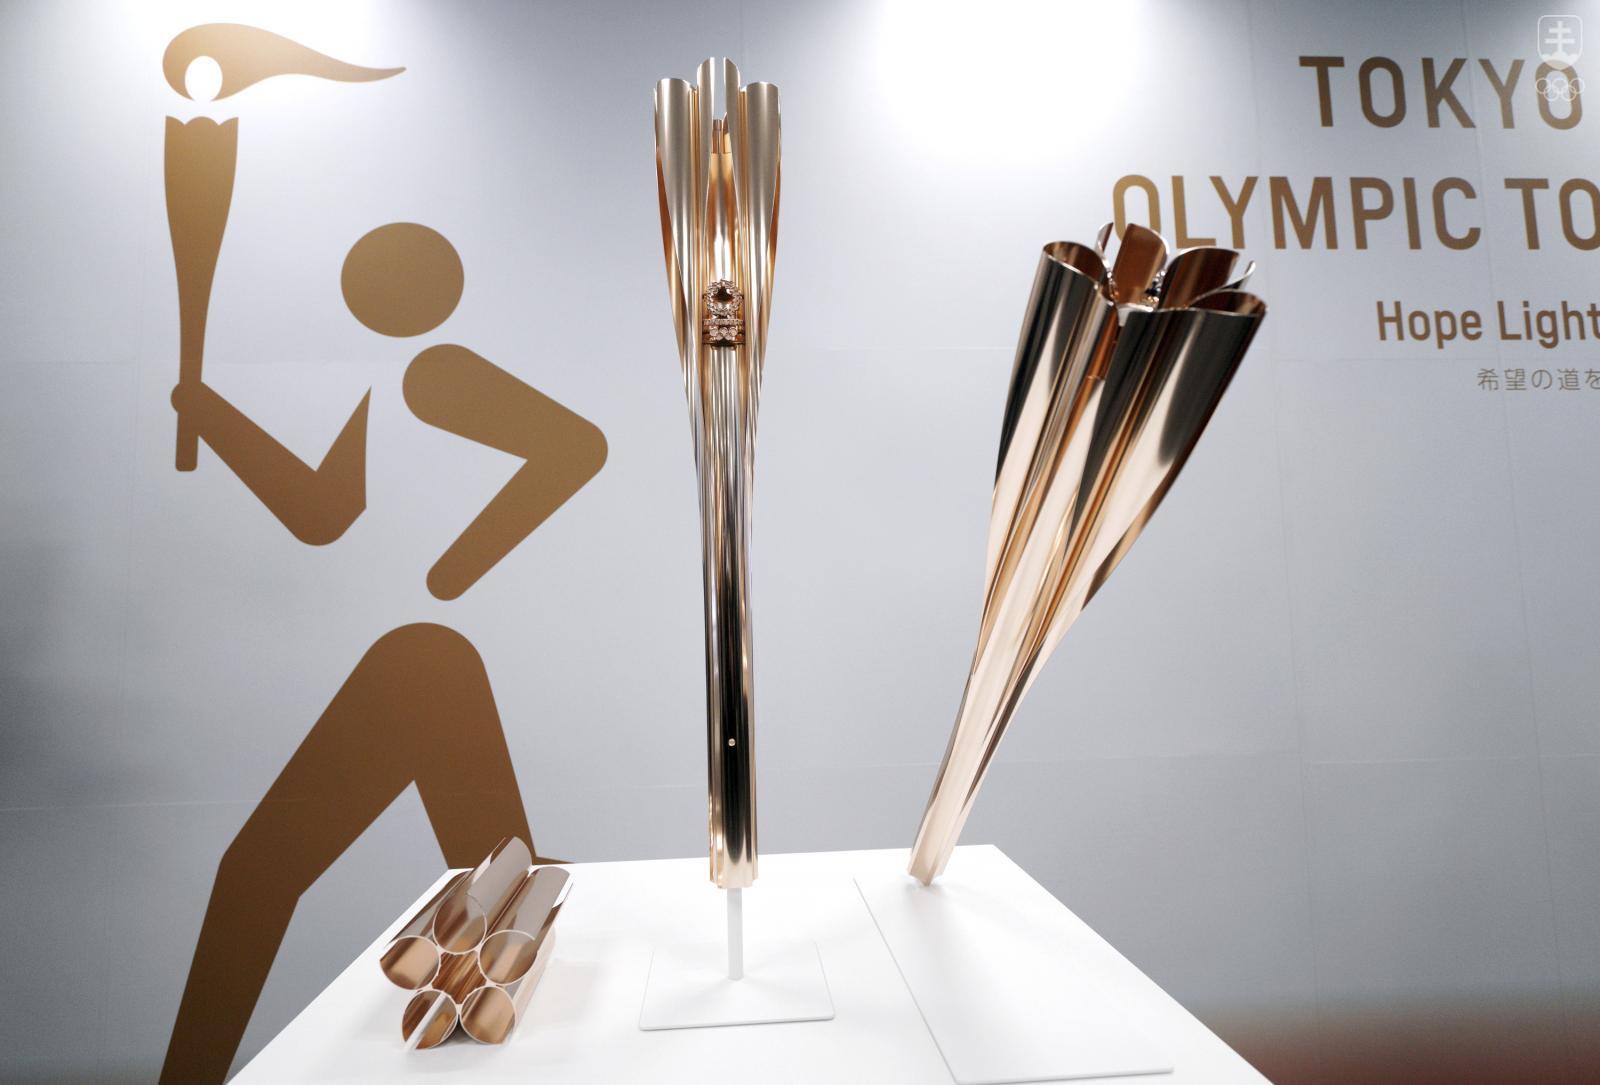 597625848f5b Organizátori OH 2020 v Tokiu predstavili dizajn olympijskej pochodne ...